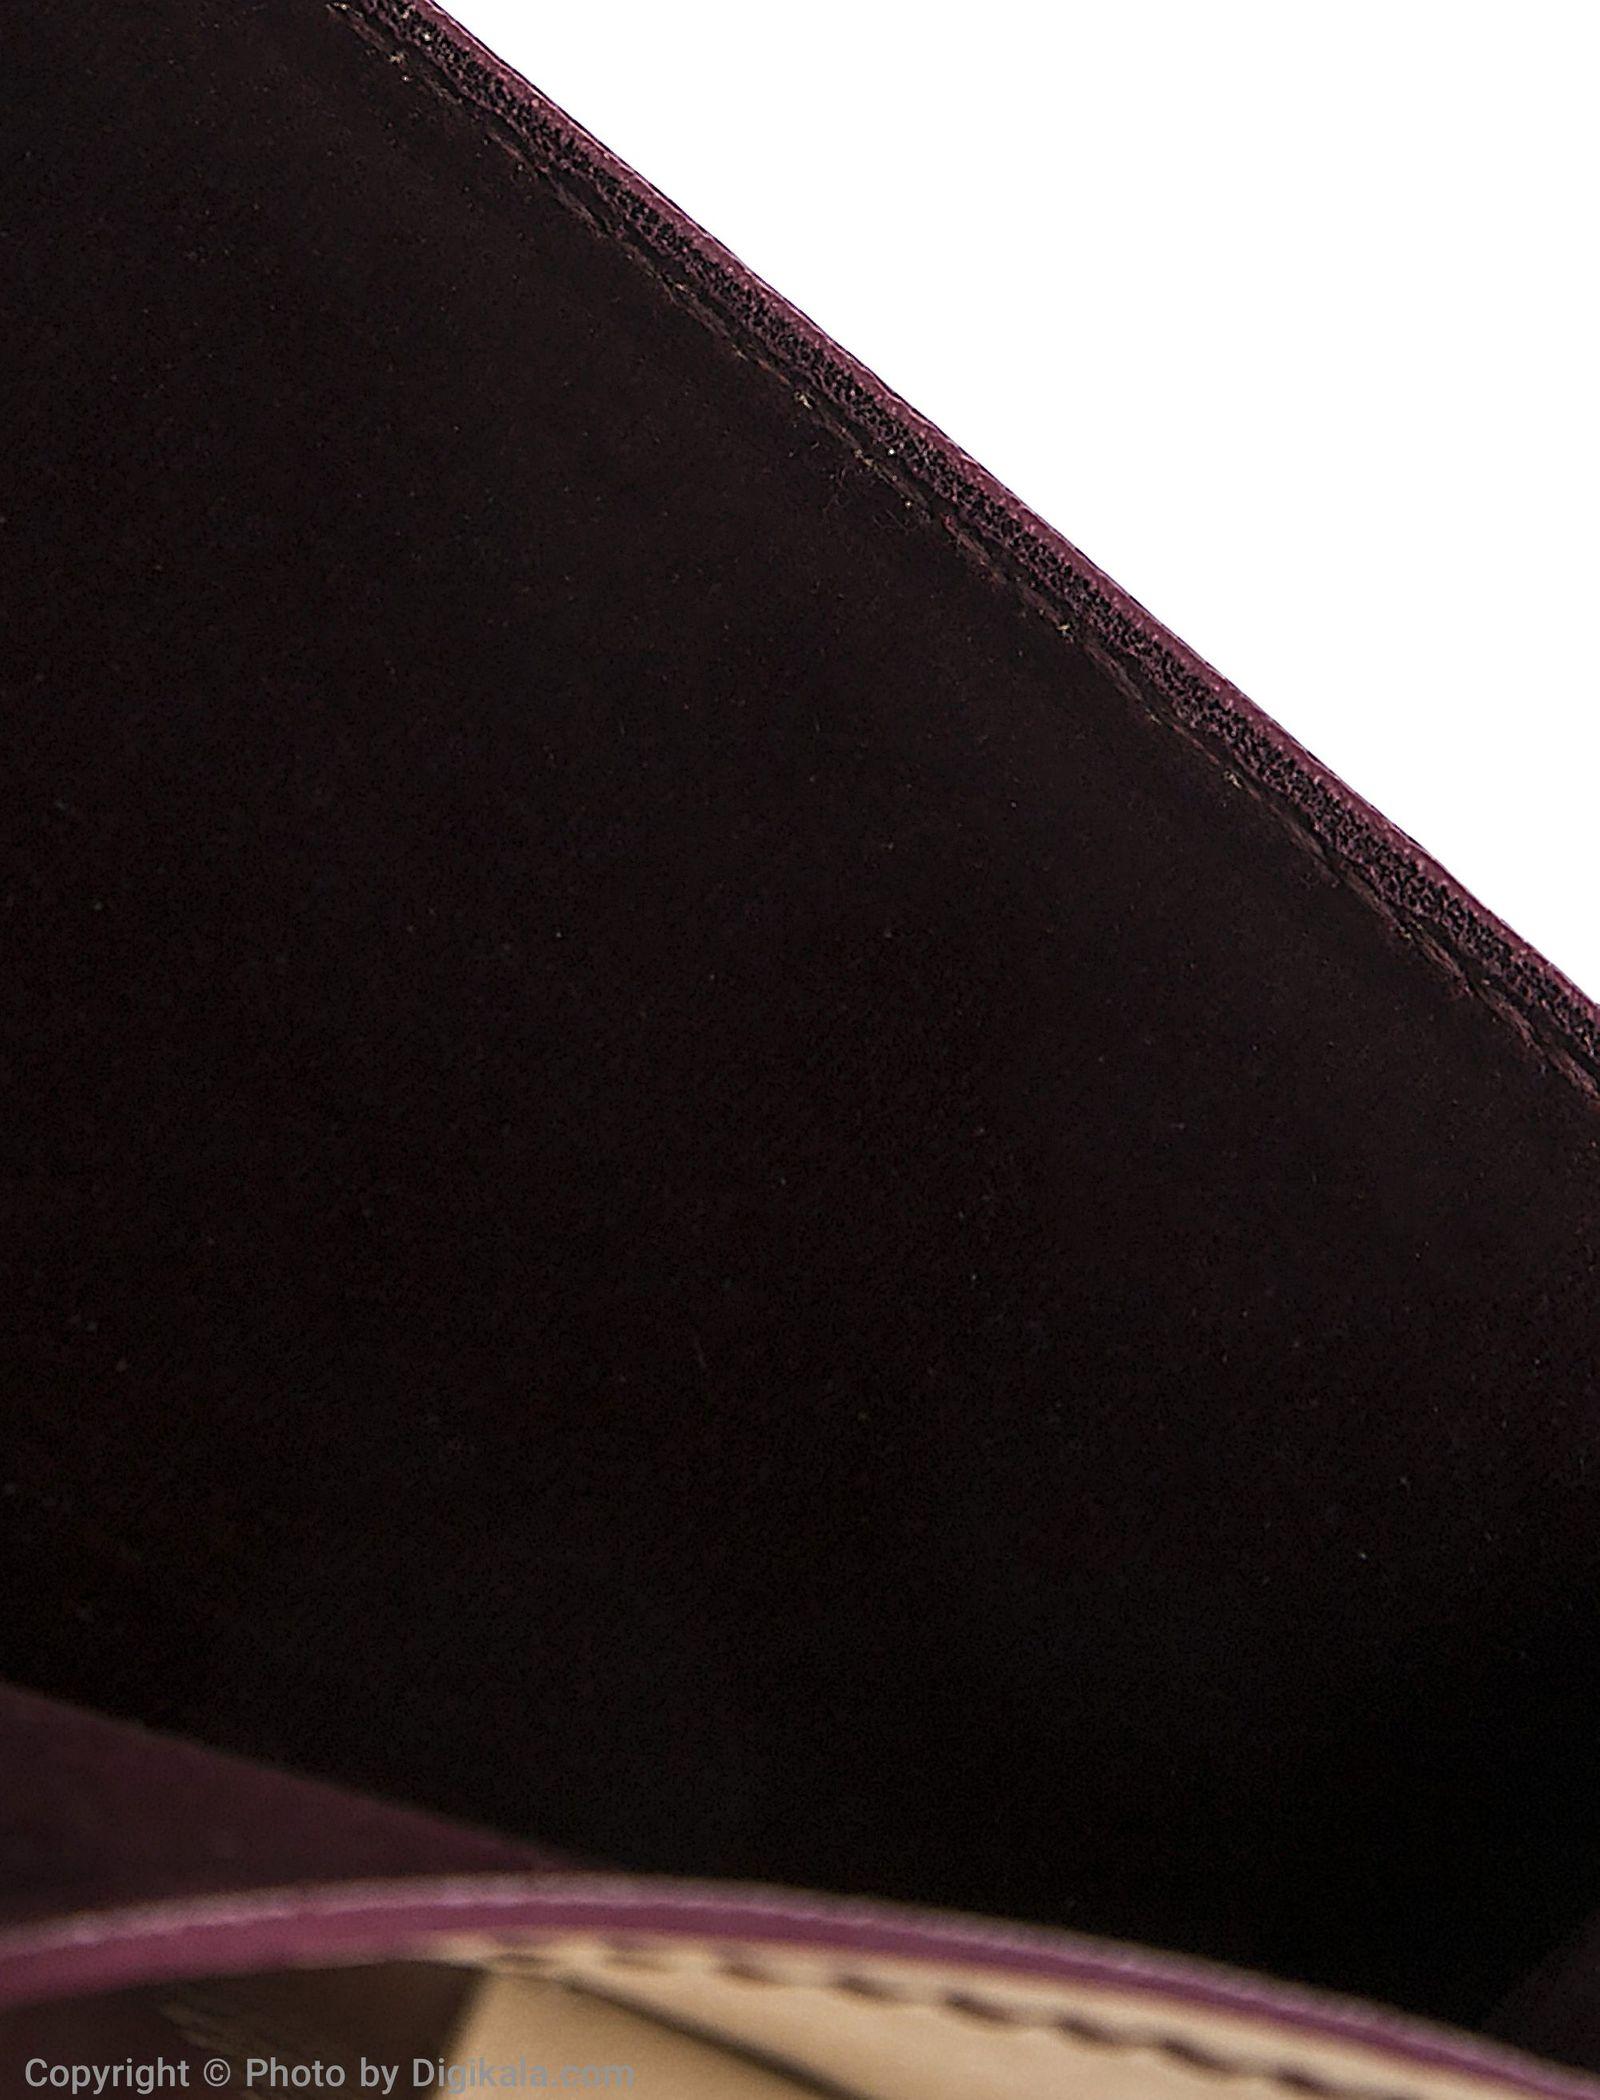 کیف رودوشی زنانه دیو مدل 1573112-04 -  - 4